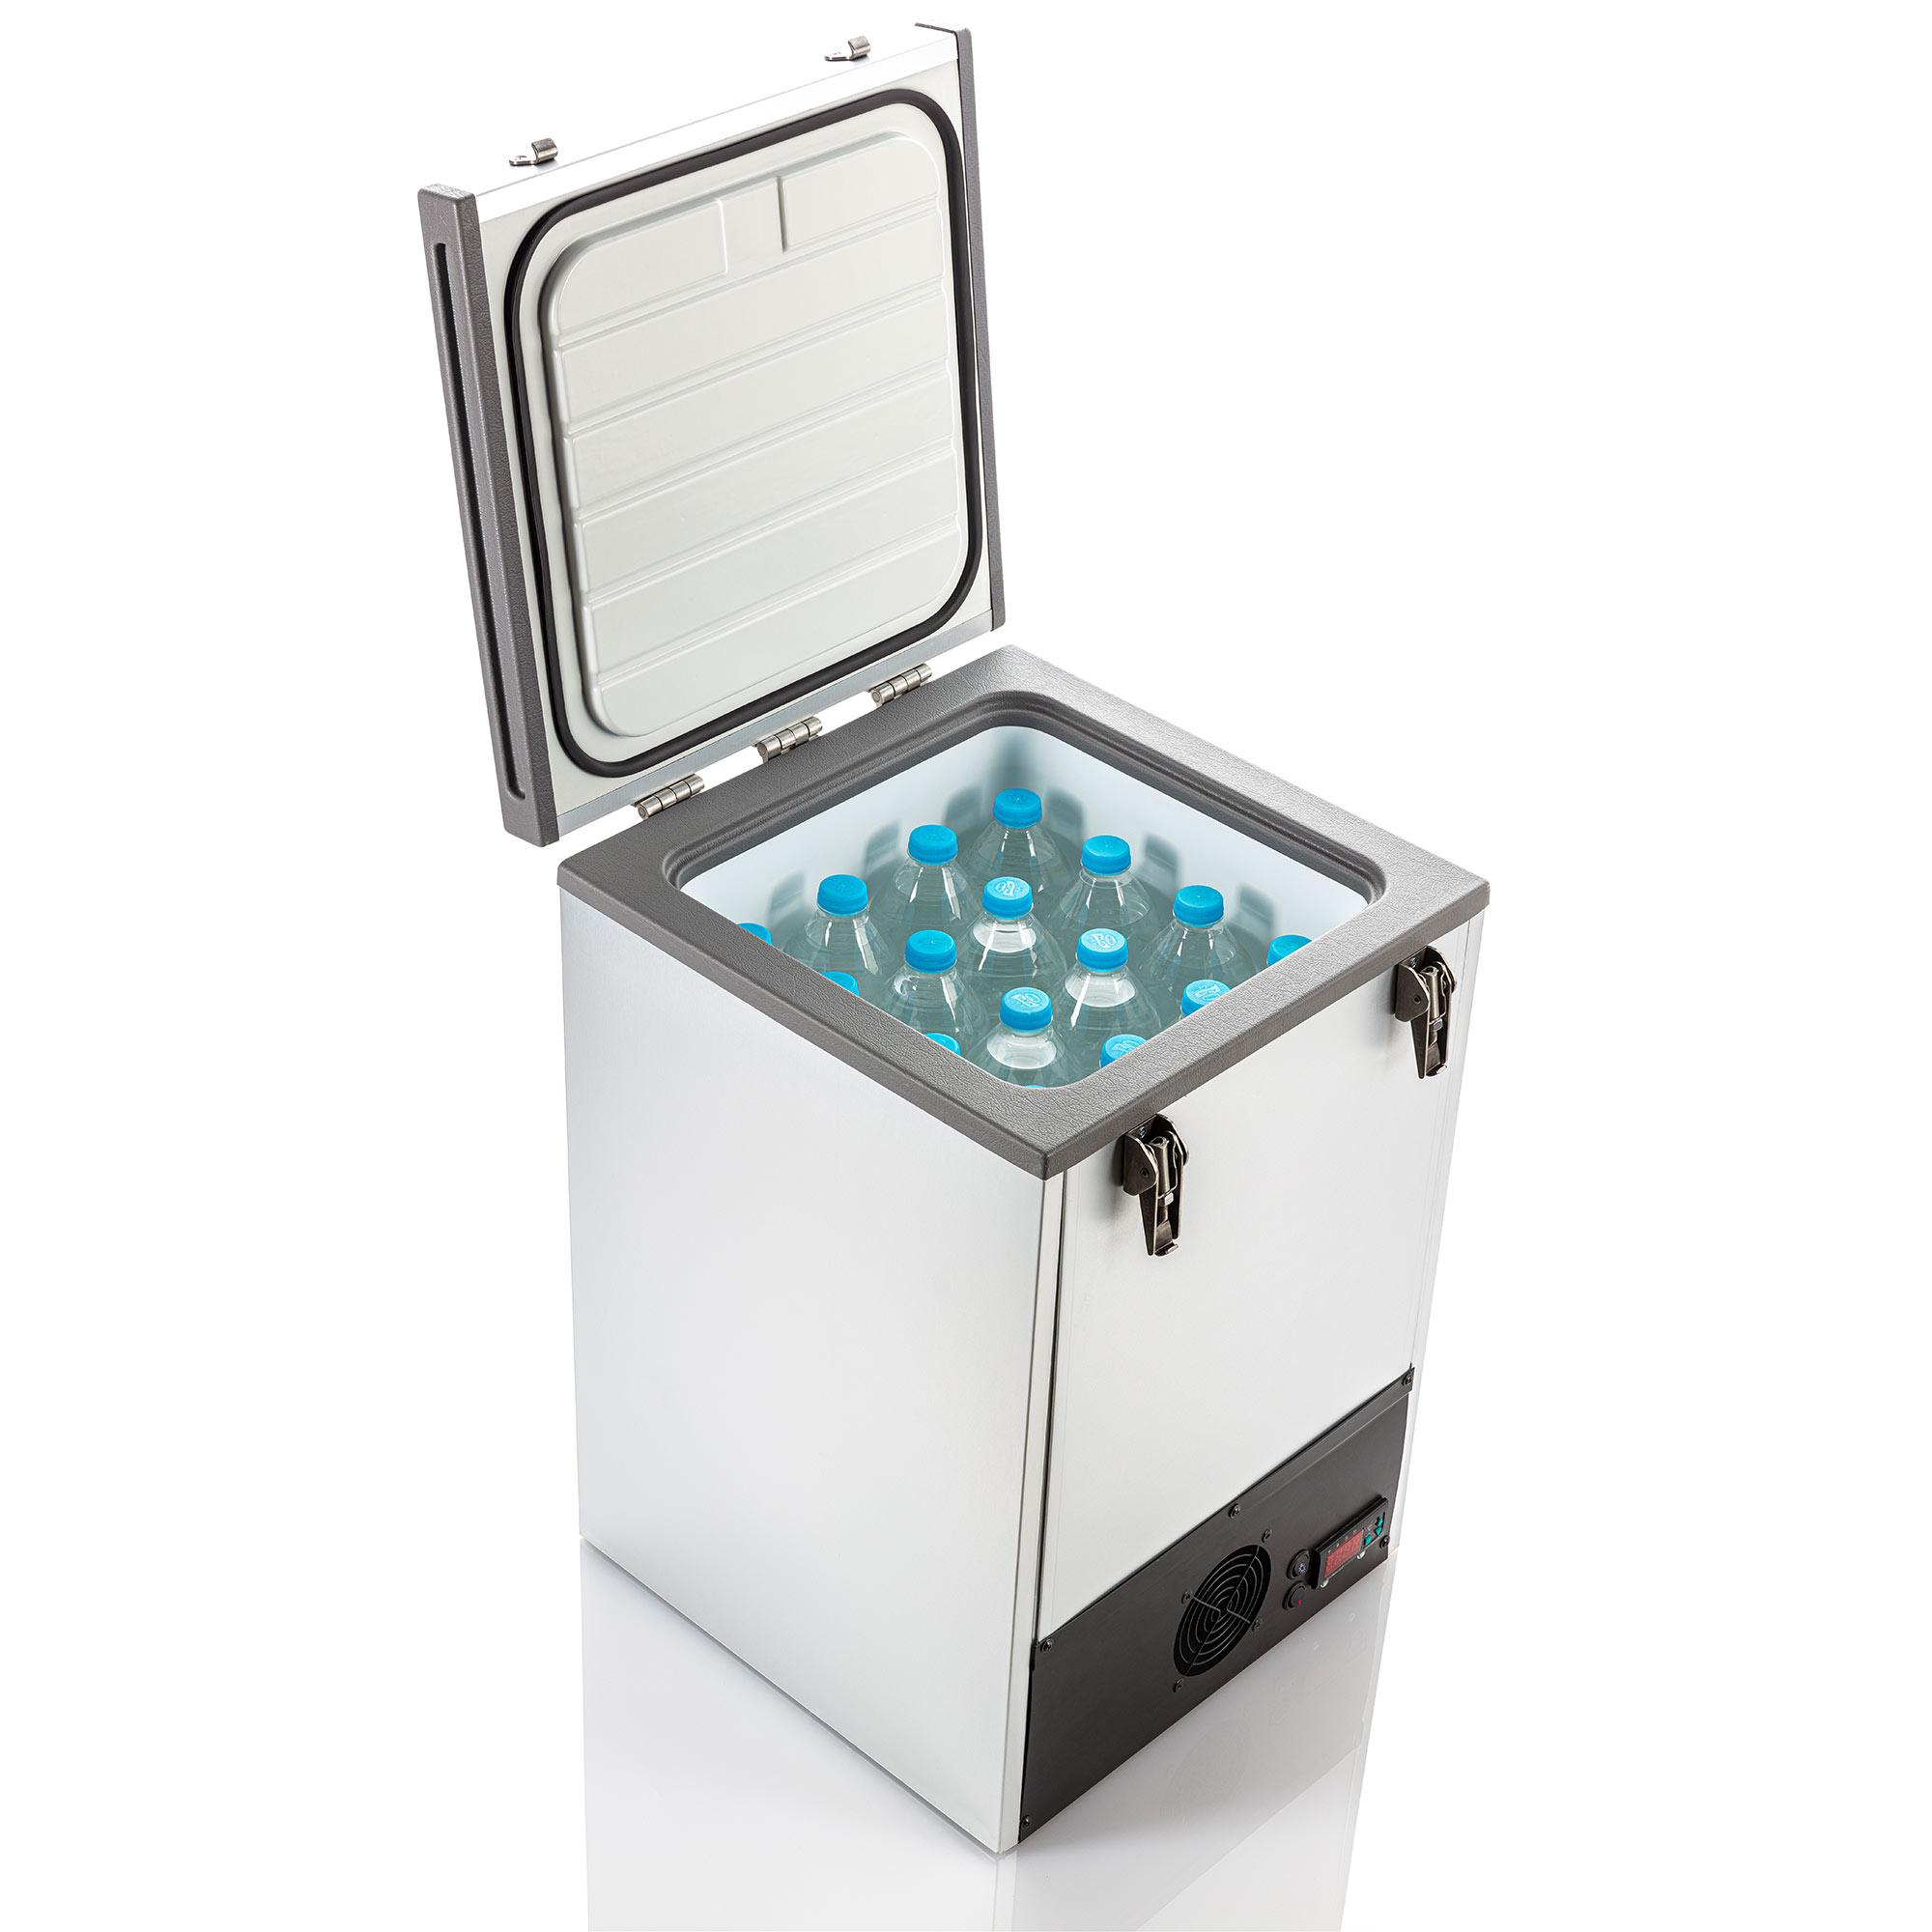 MEC 4262 / 36 LT Soğutucu Araç Buzdolabı